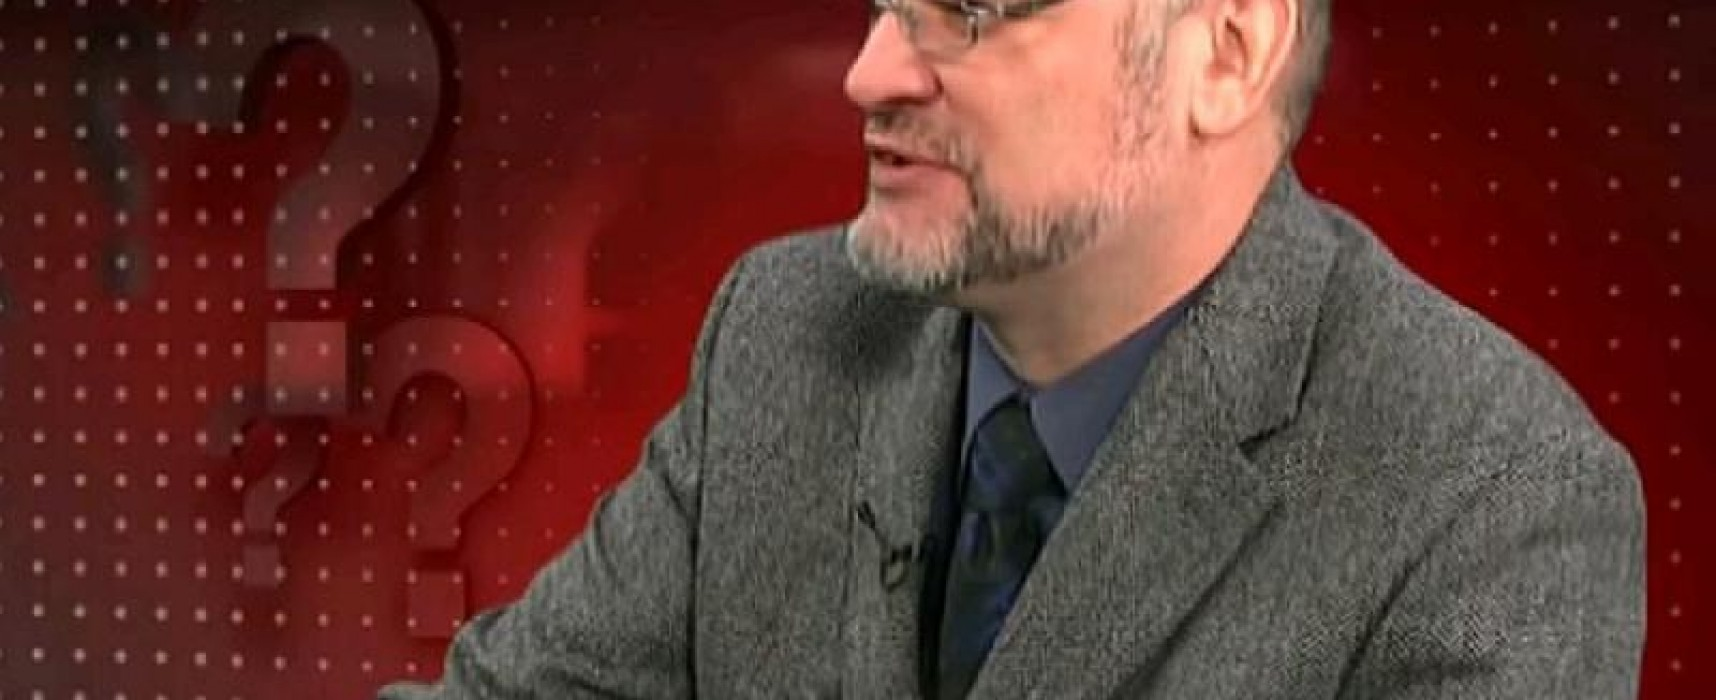 Fake OSCE Expert